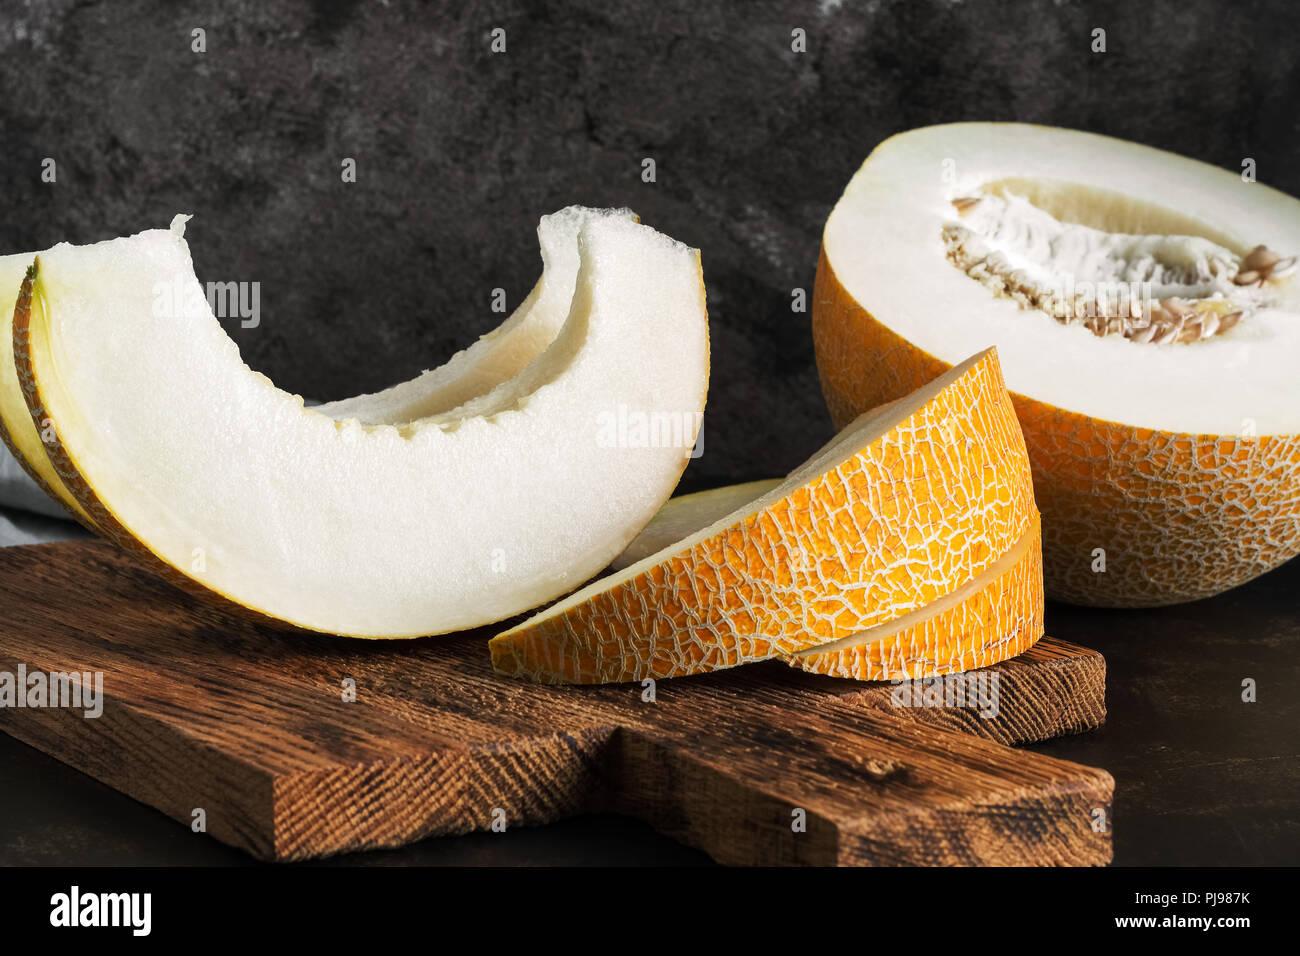 Les tranches de melon sur une planche à découper. selective focus Photo Stock